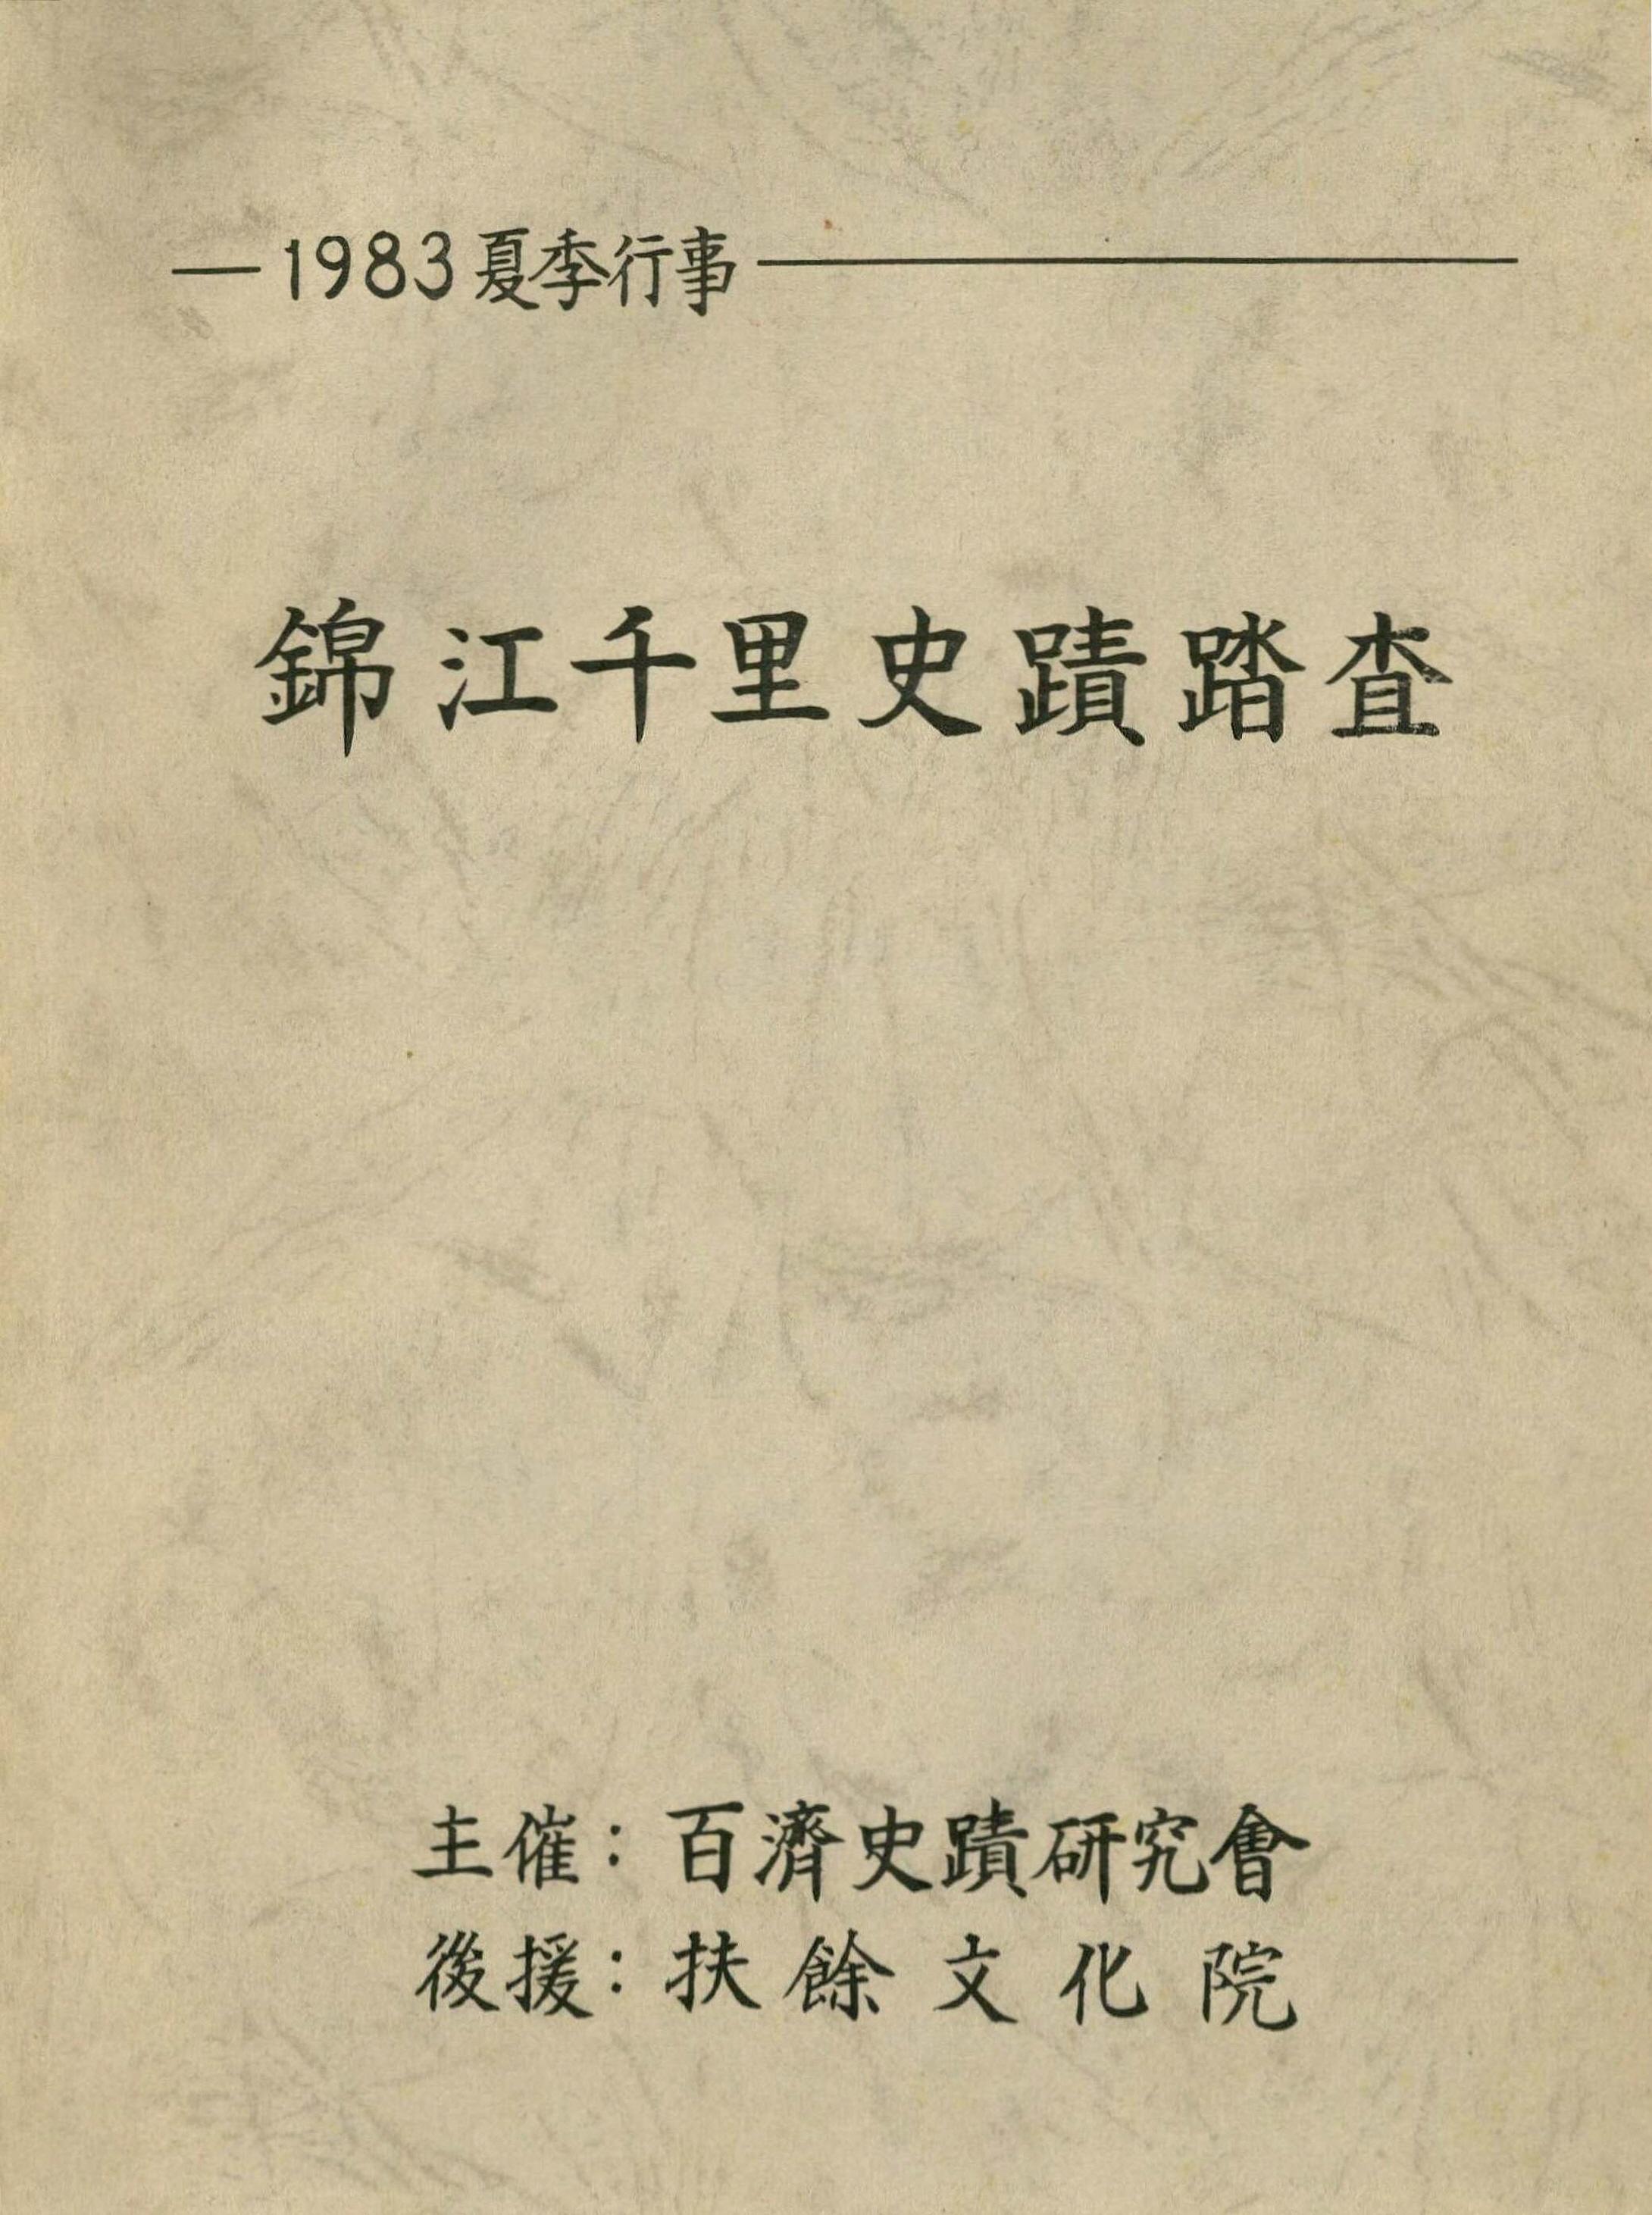 1983 하계행사 금강천리사적답사